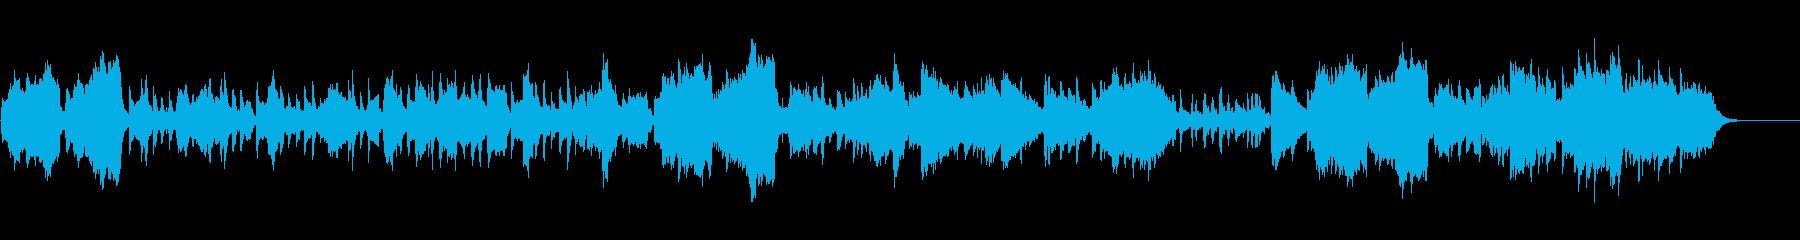 不思議なクリスマス BGMの再生済みの波形